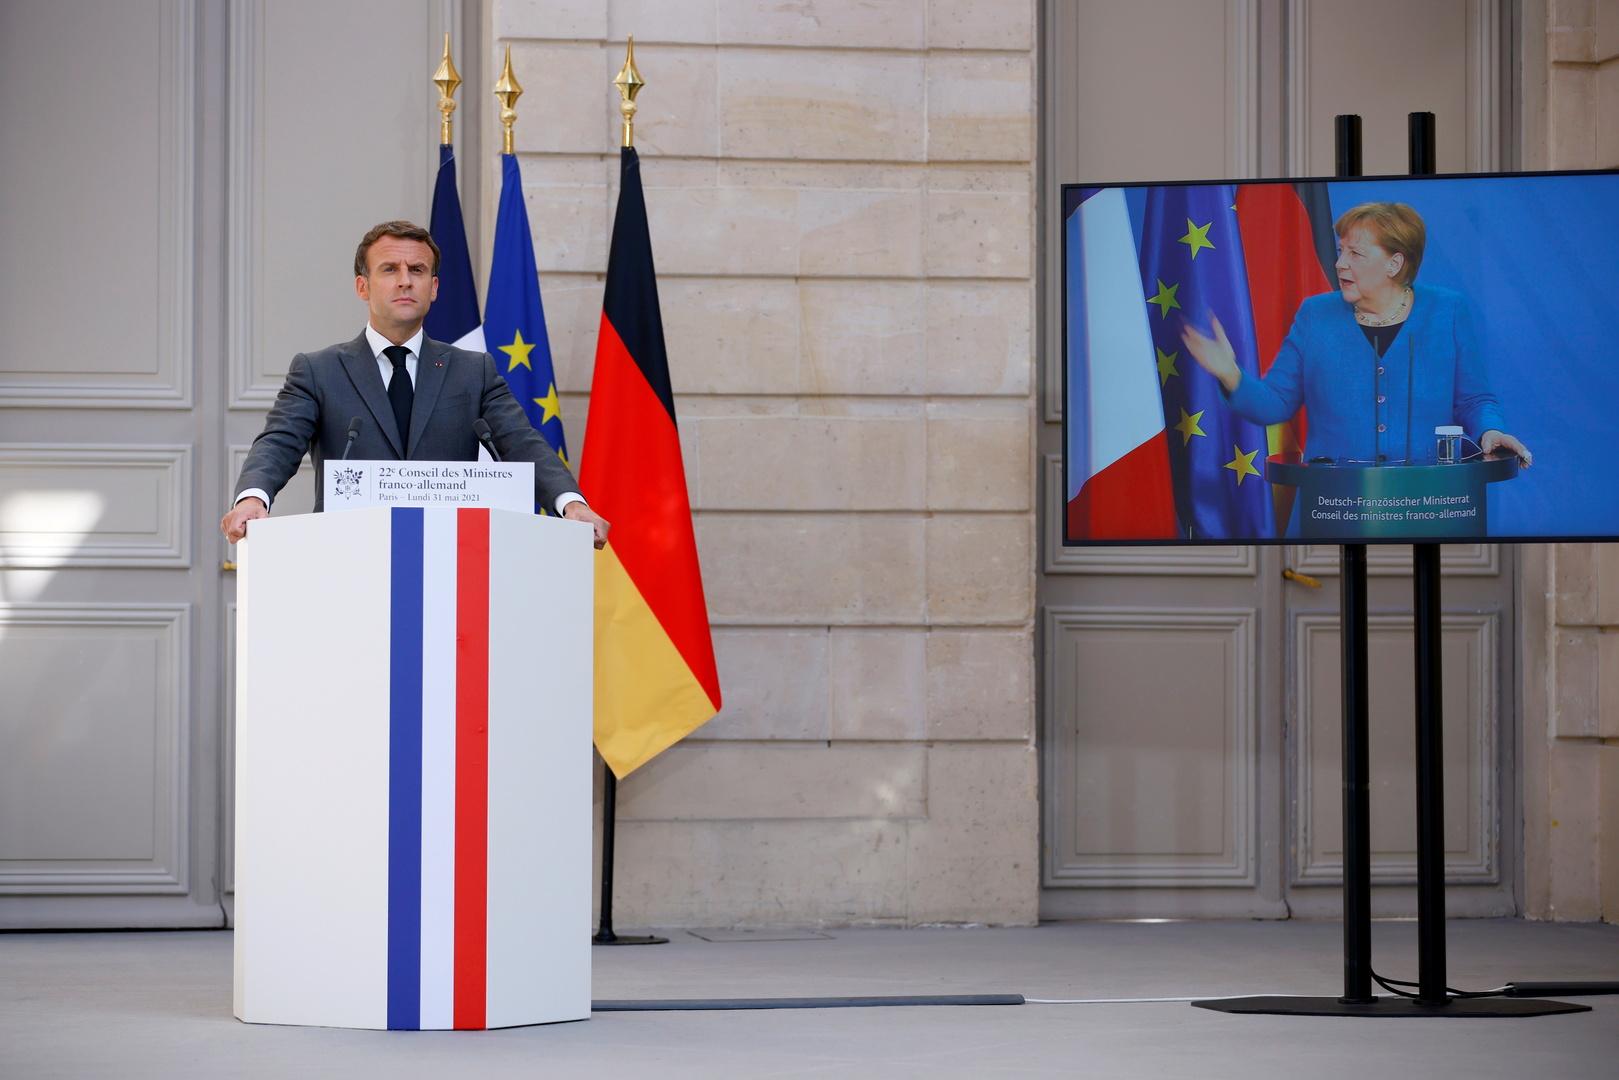 ألمانيا وفرنسا متمسكتان باتفاقات مينسك و